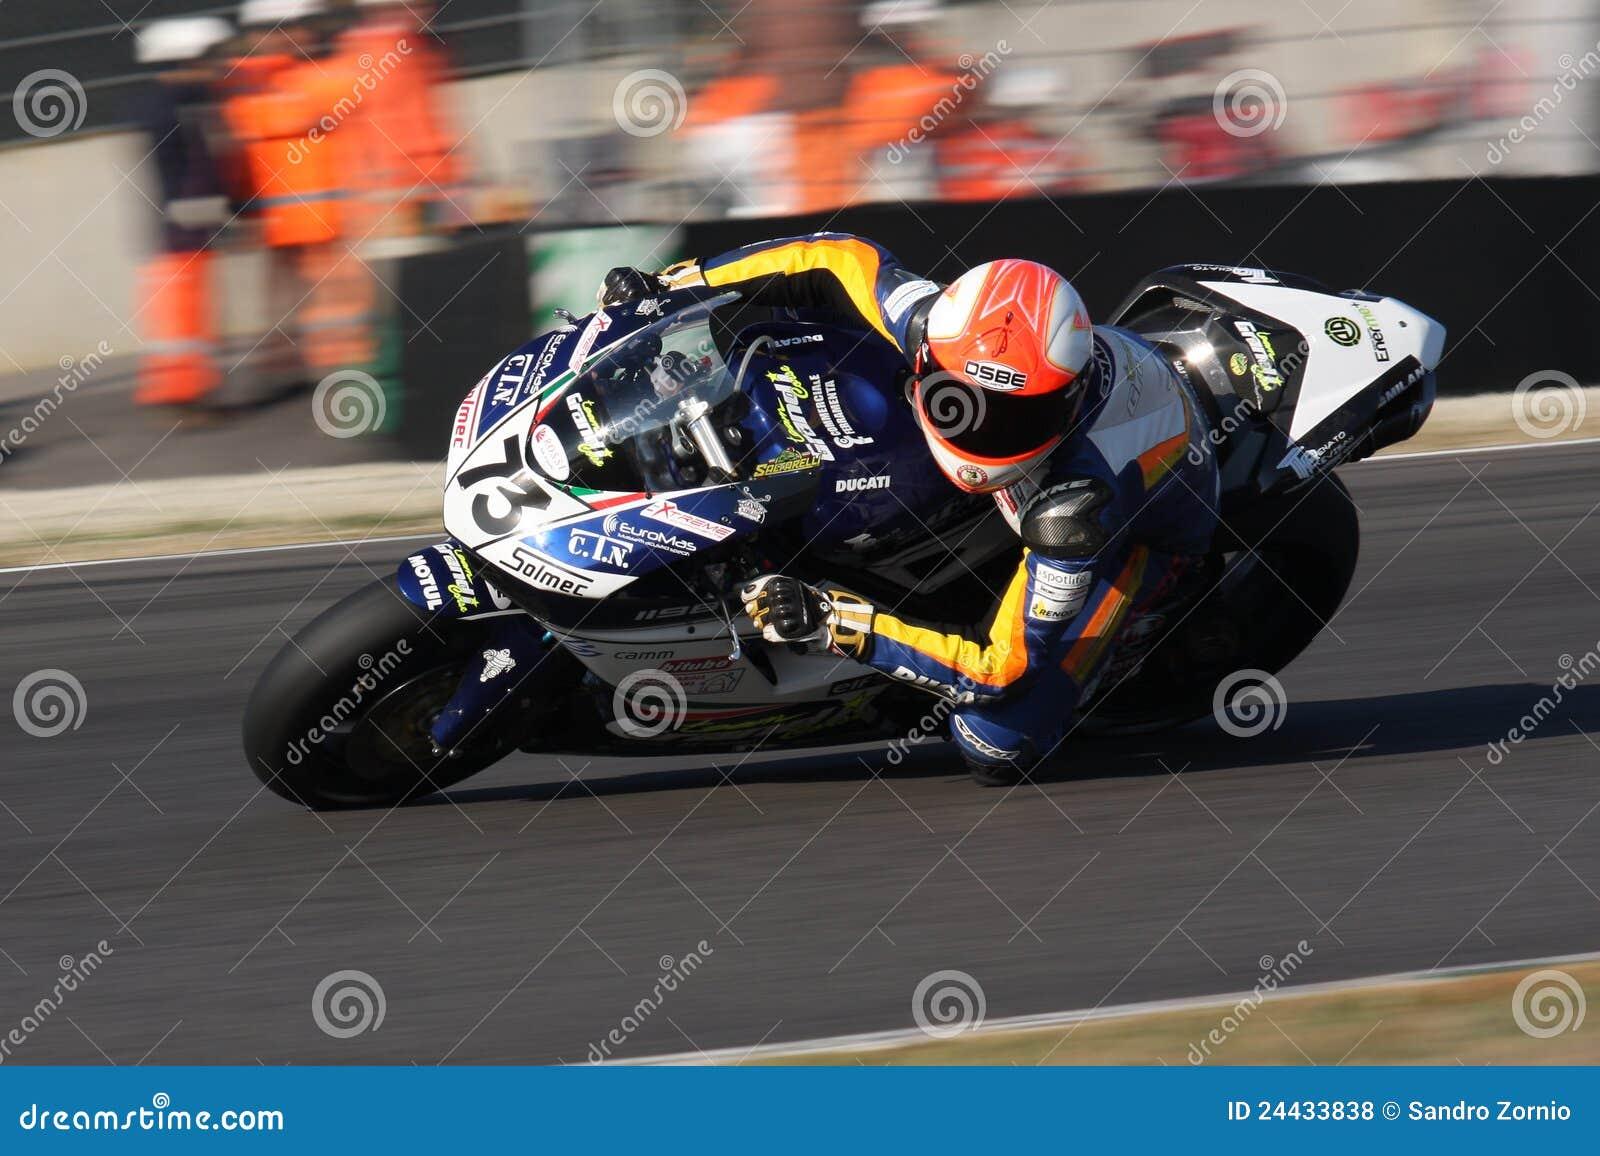 Simone Saltarelli - Ducati 1198R - Grandi Corse